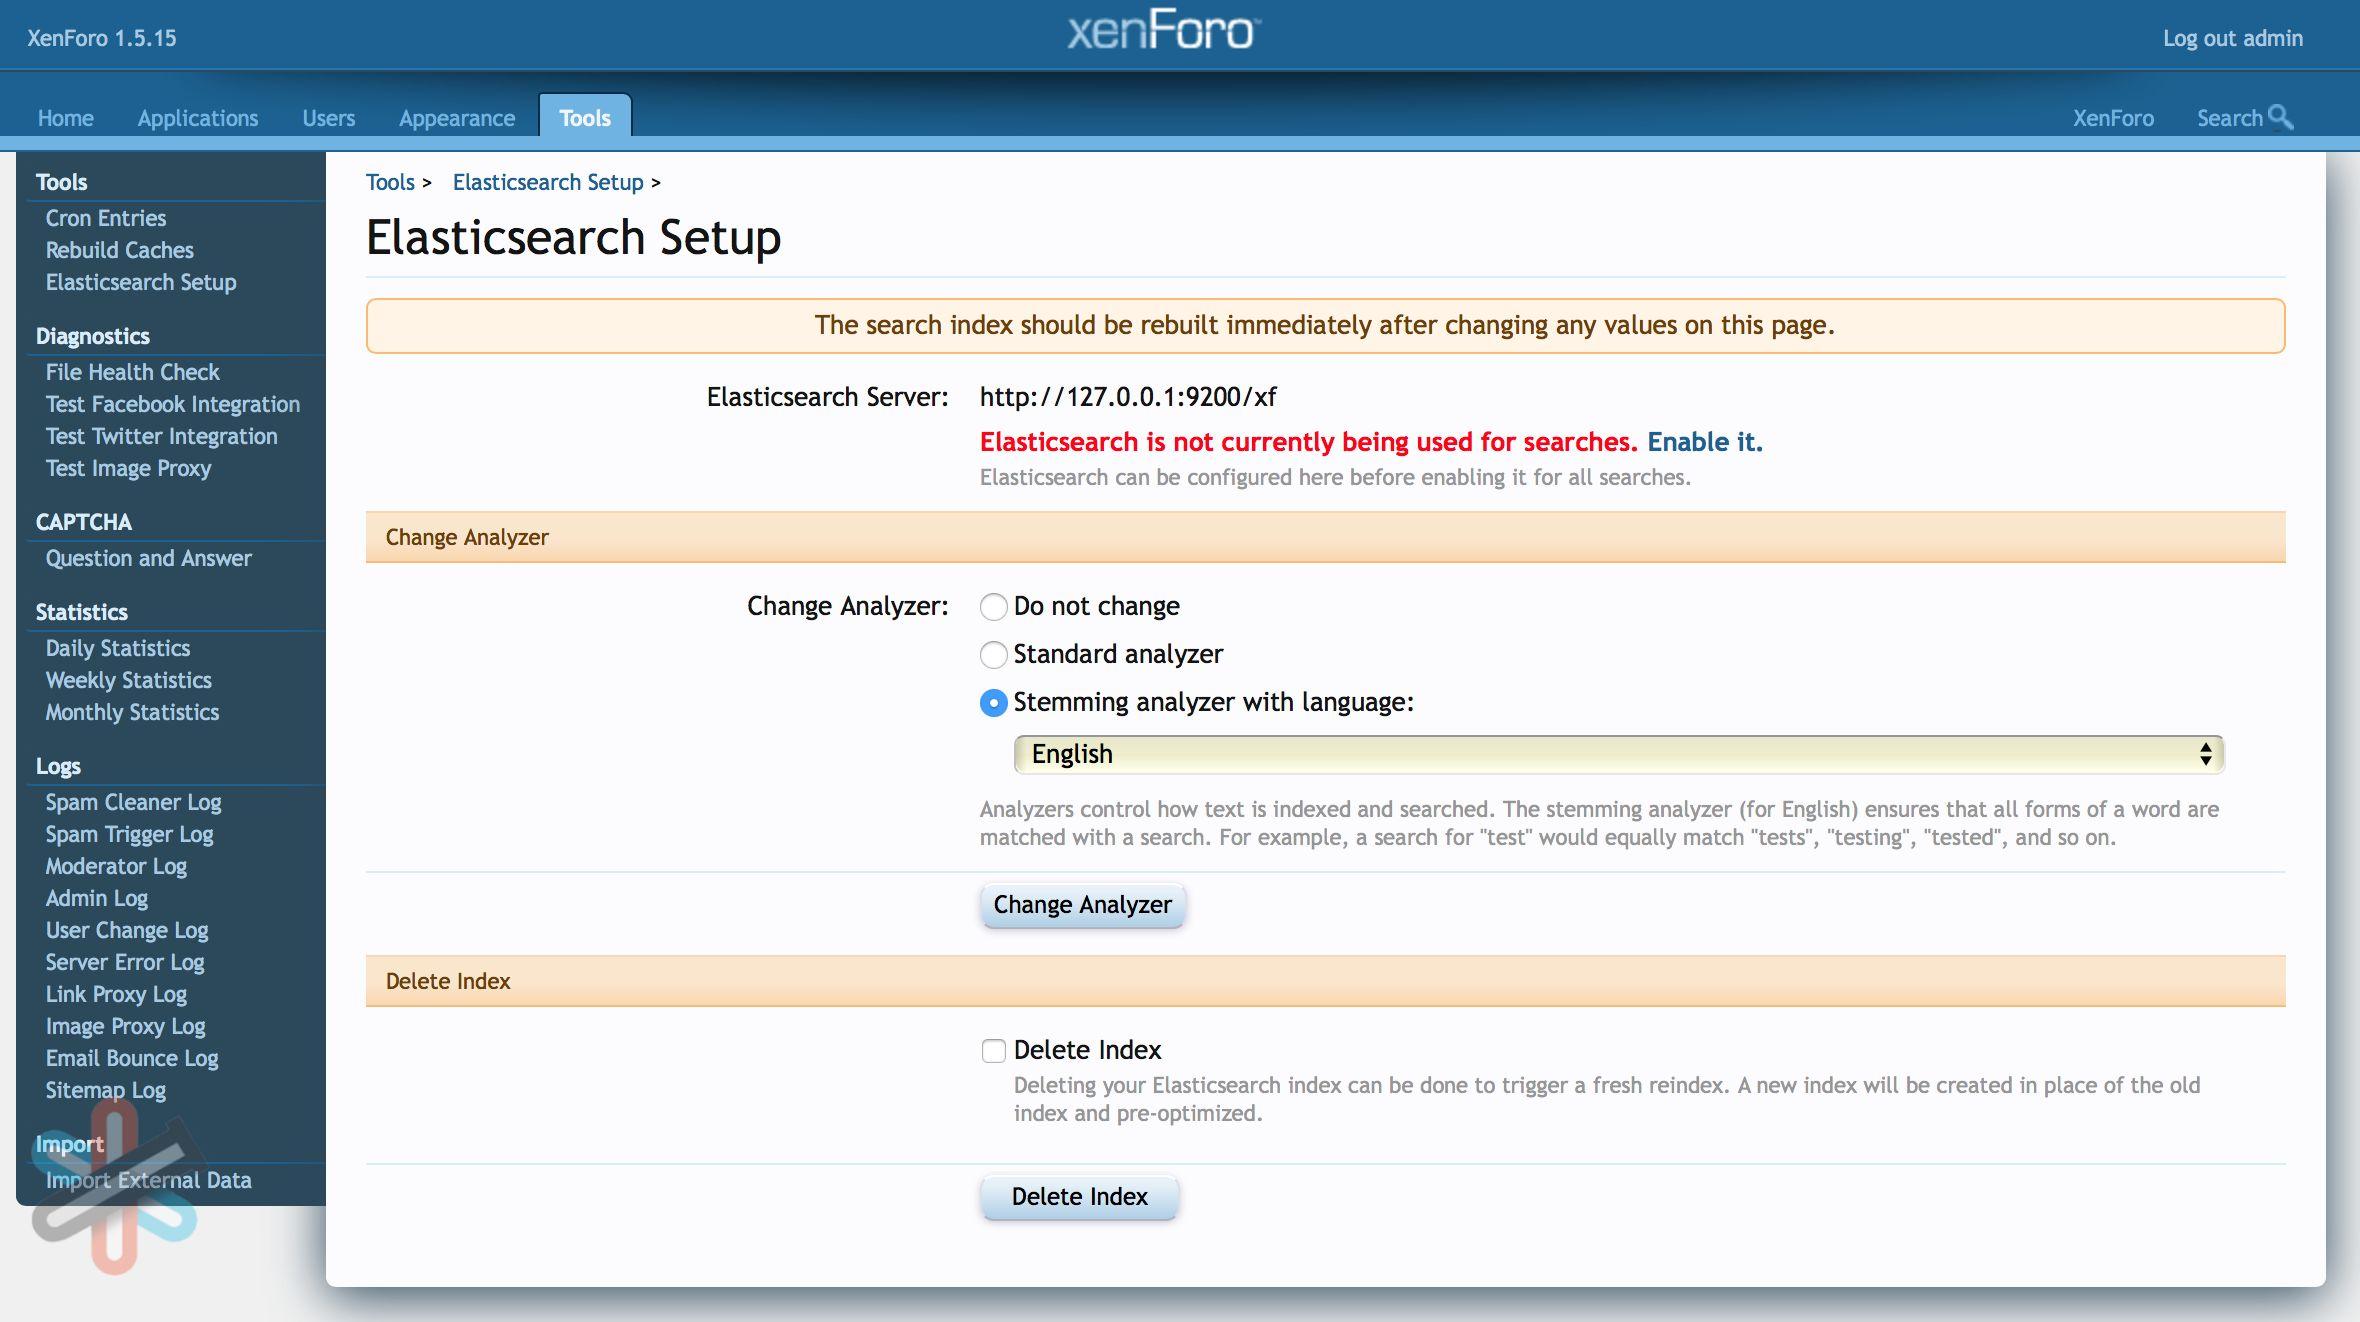 انجمن ساز حرفه ای زنفورو – XenForo 2.2.2 Full